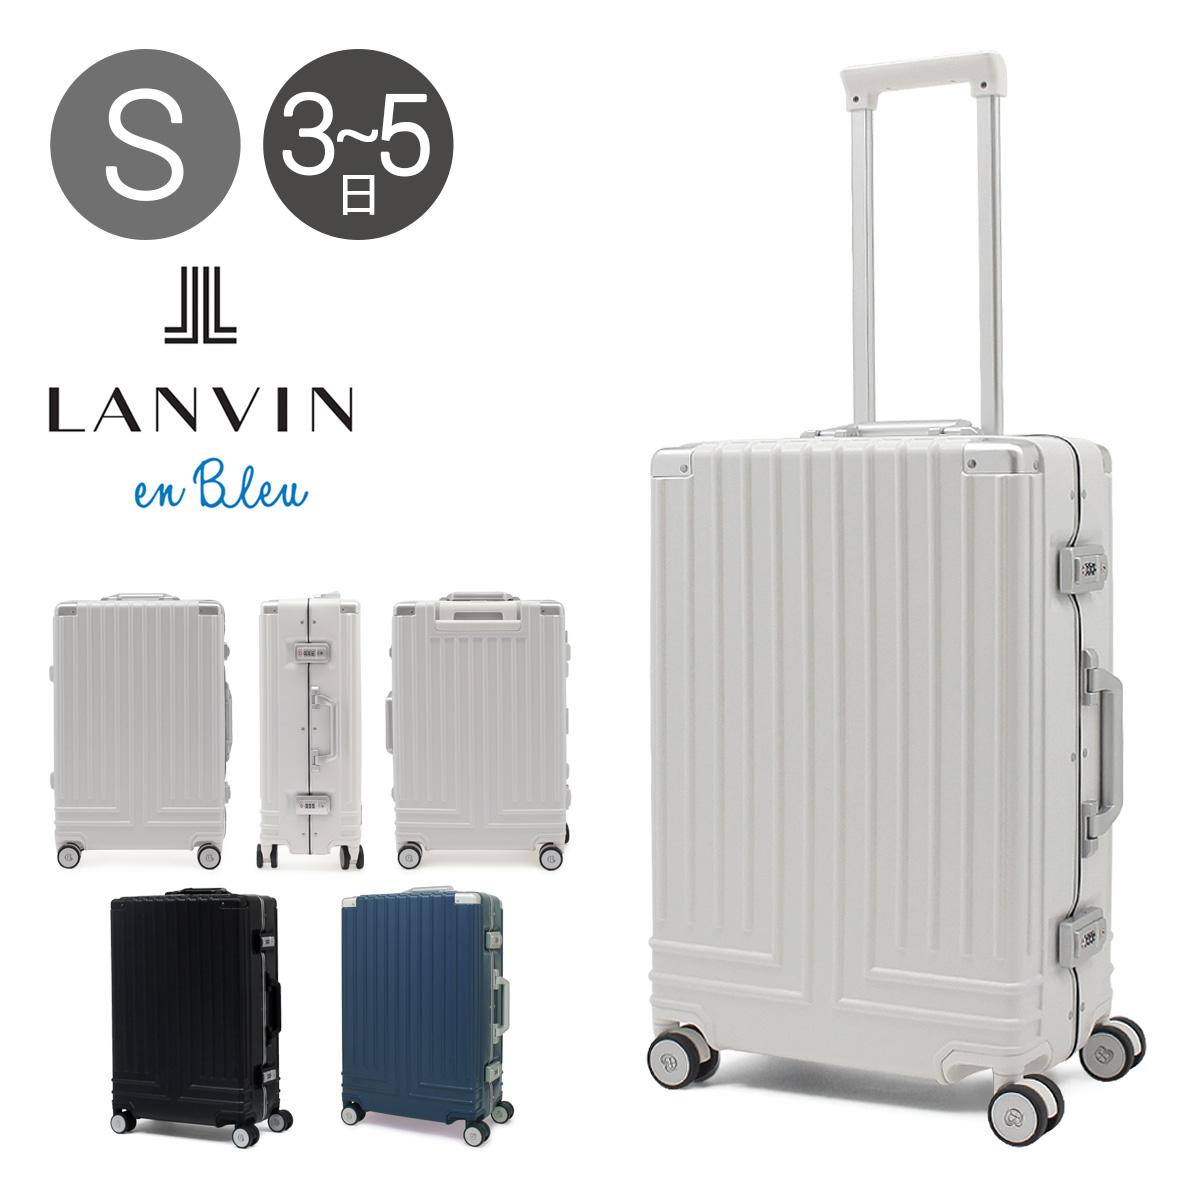 ランバンオンブルー スーツケース ヴィラージュ|42L 56cm 3.9kg 595312|軽量 ハード フレーム TSAロック搭載 キャリーケース ビジネスキャリー [bef][即日発送]